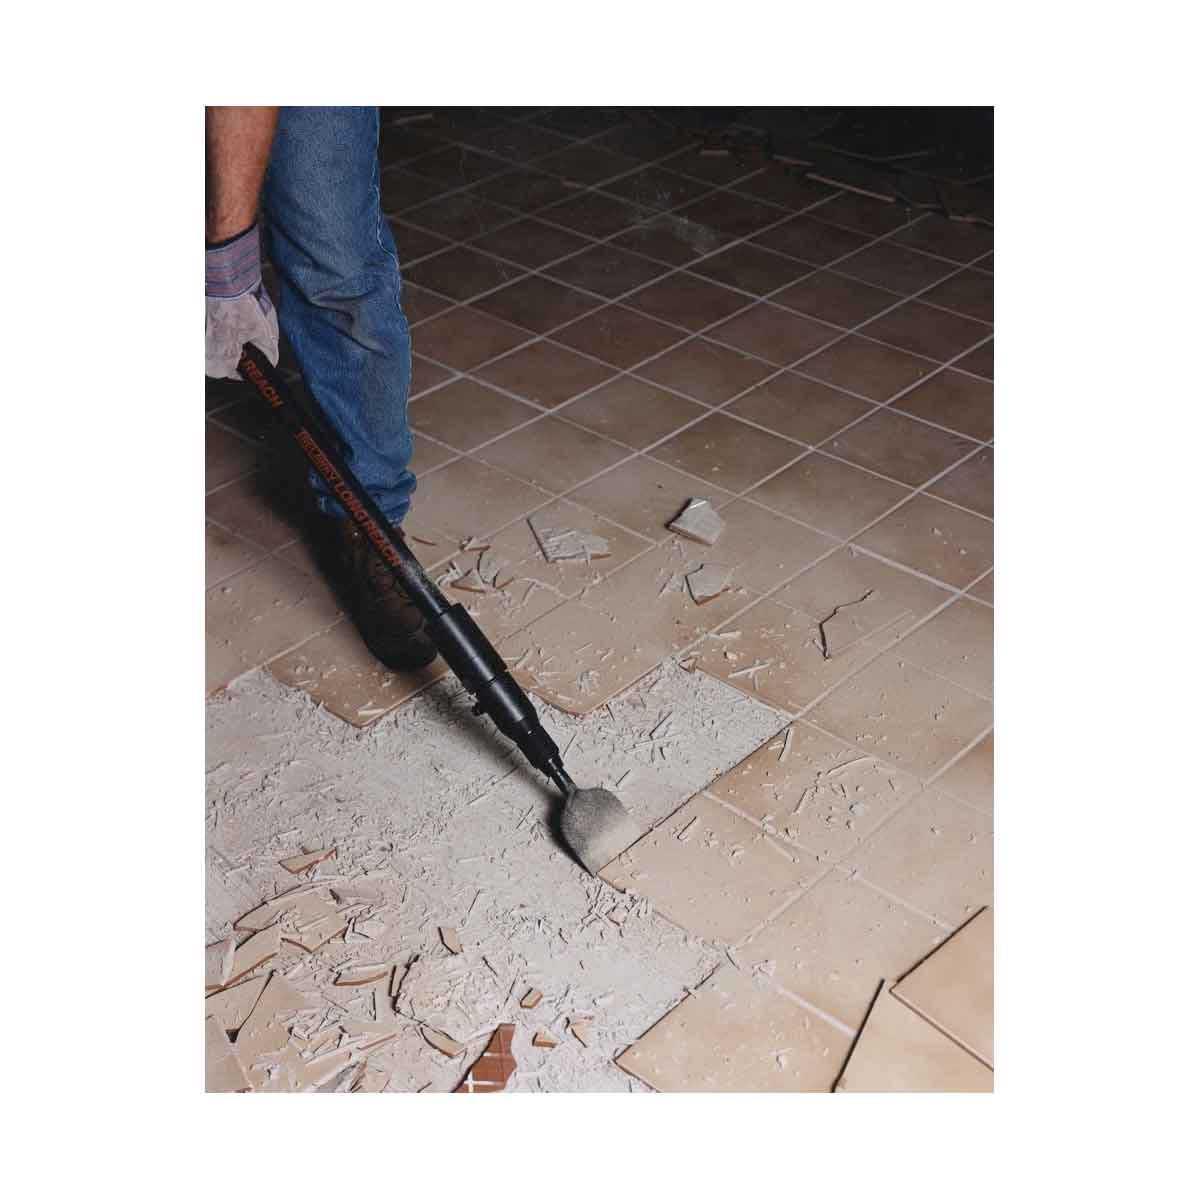 Trelawny Pneumatic Scraper for Ceramic Tile Removal